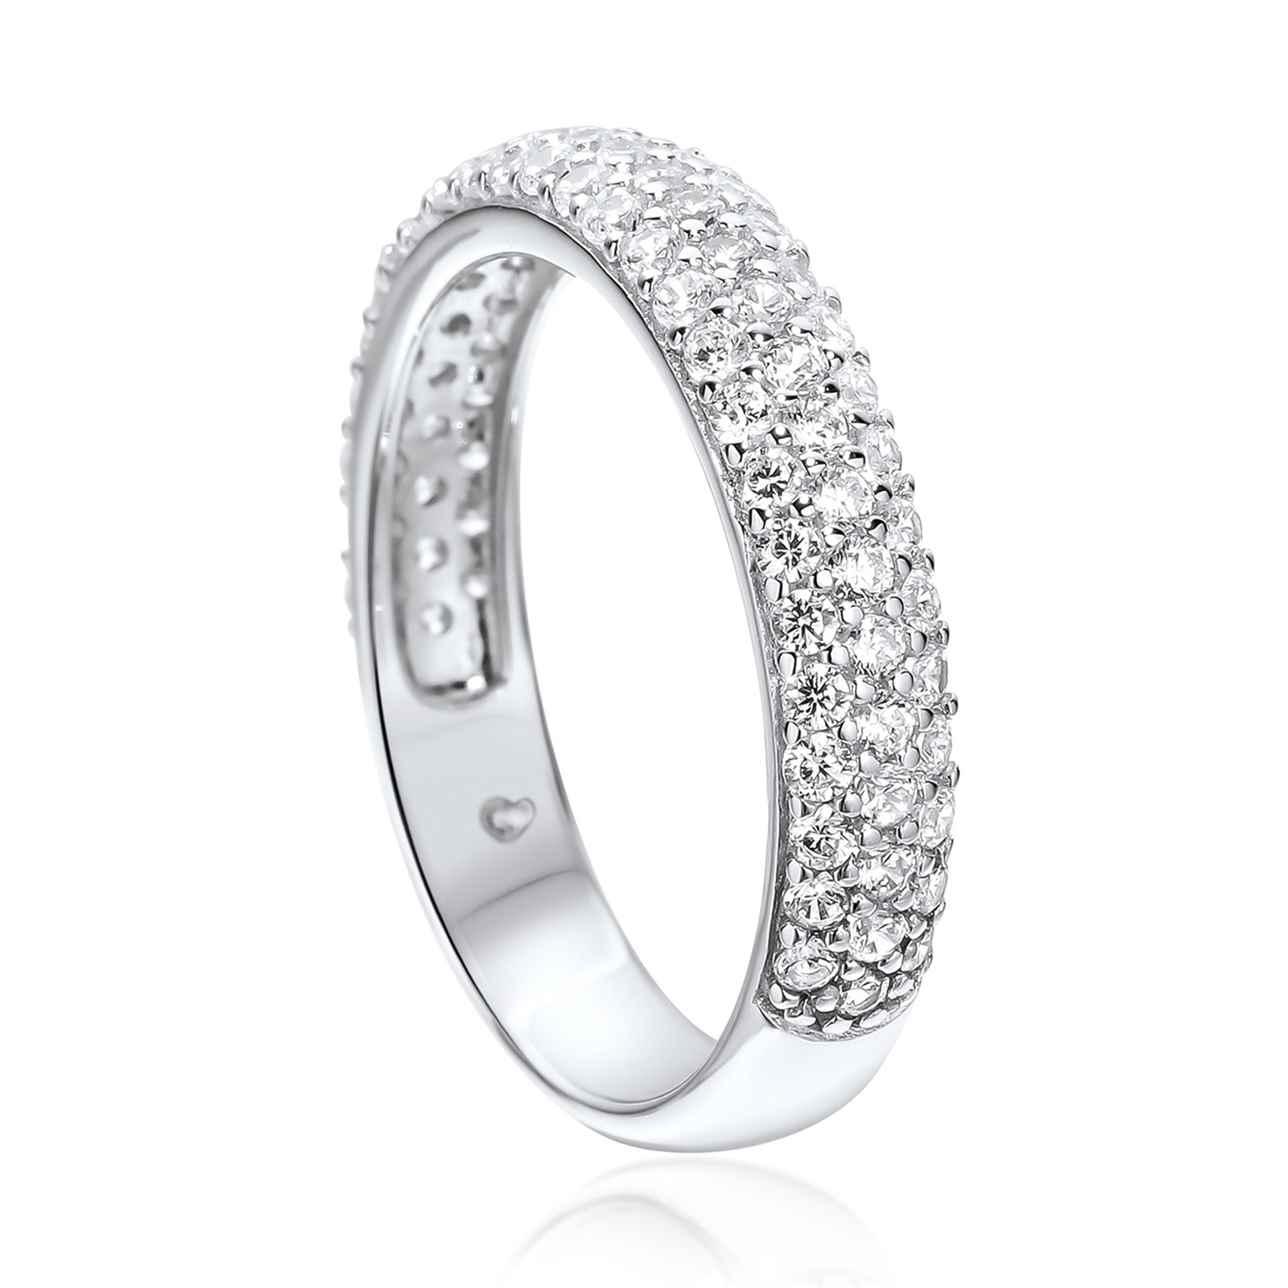 Silver Multi Stone Set Rounded Eternity Band Ring – Medium